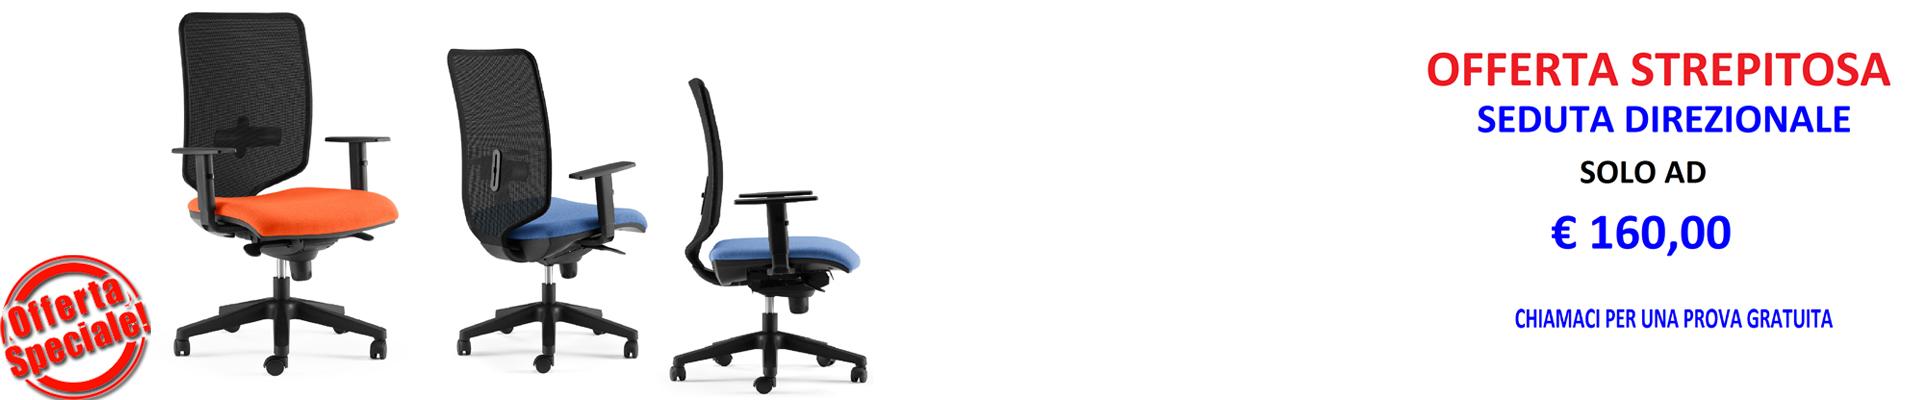 Seduta direzionale REFLEX